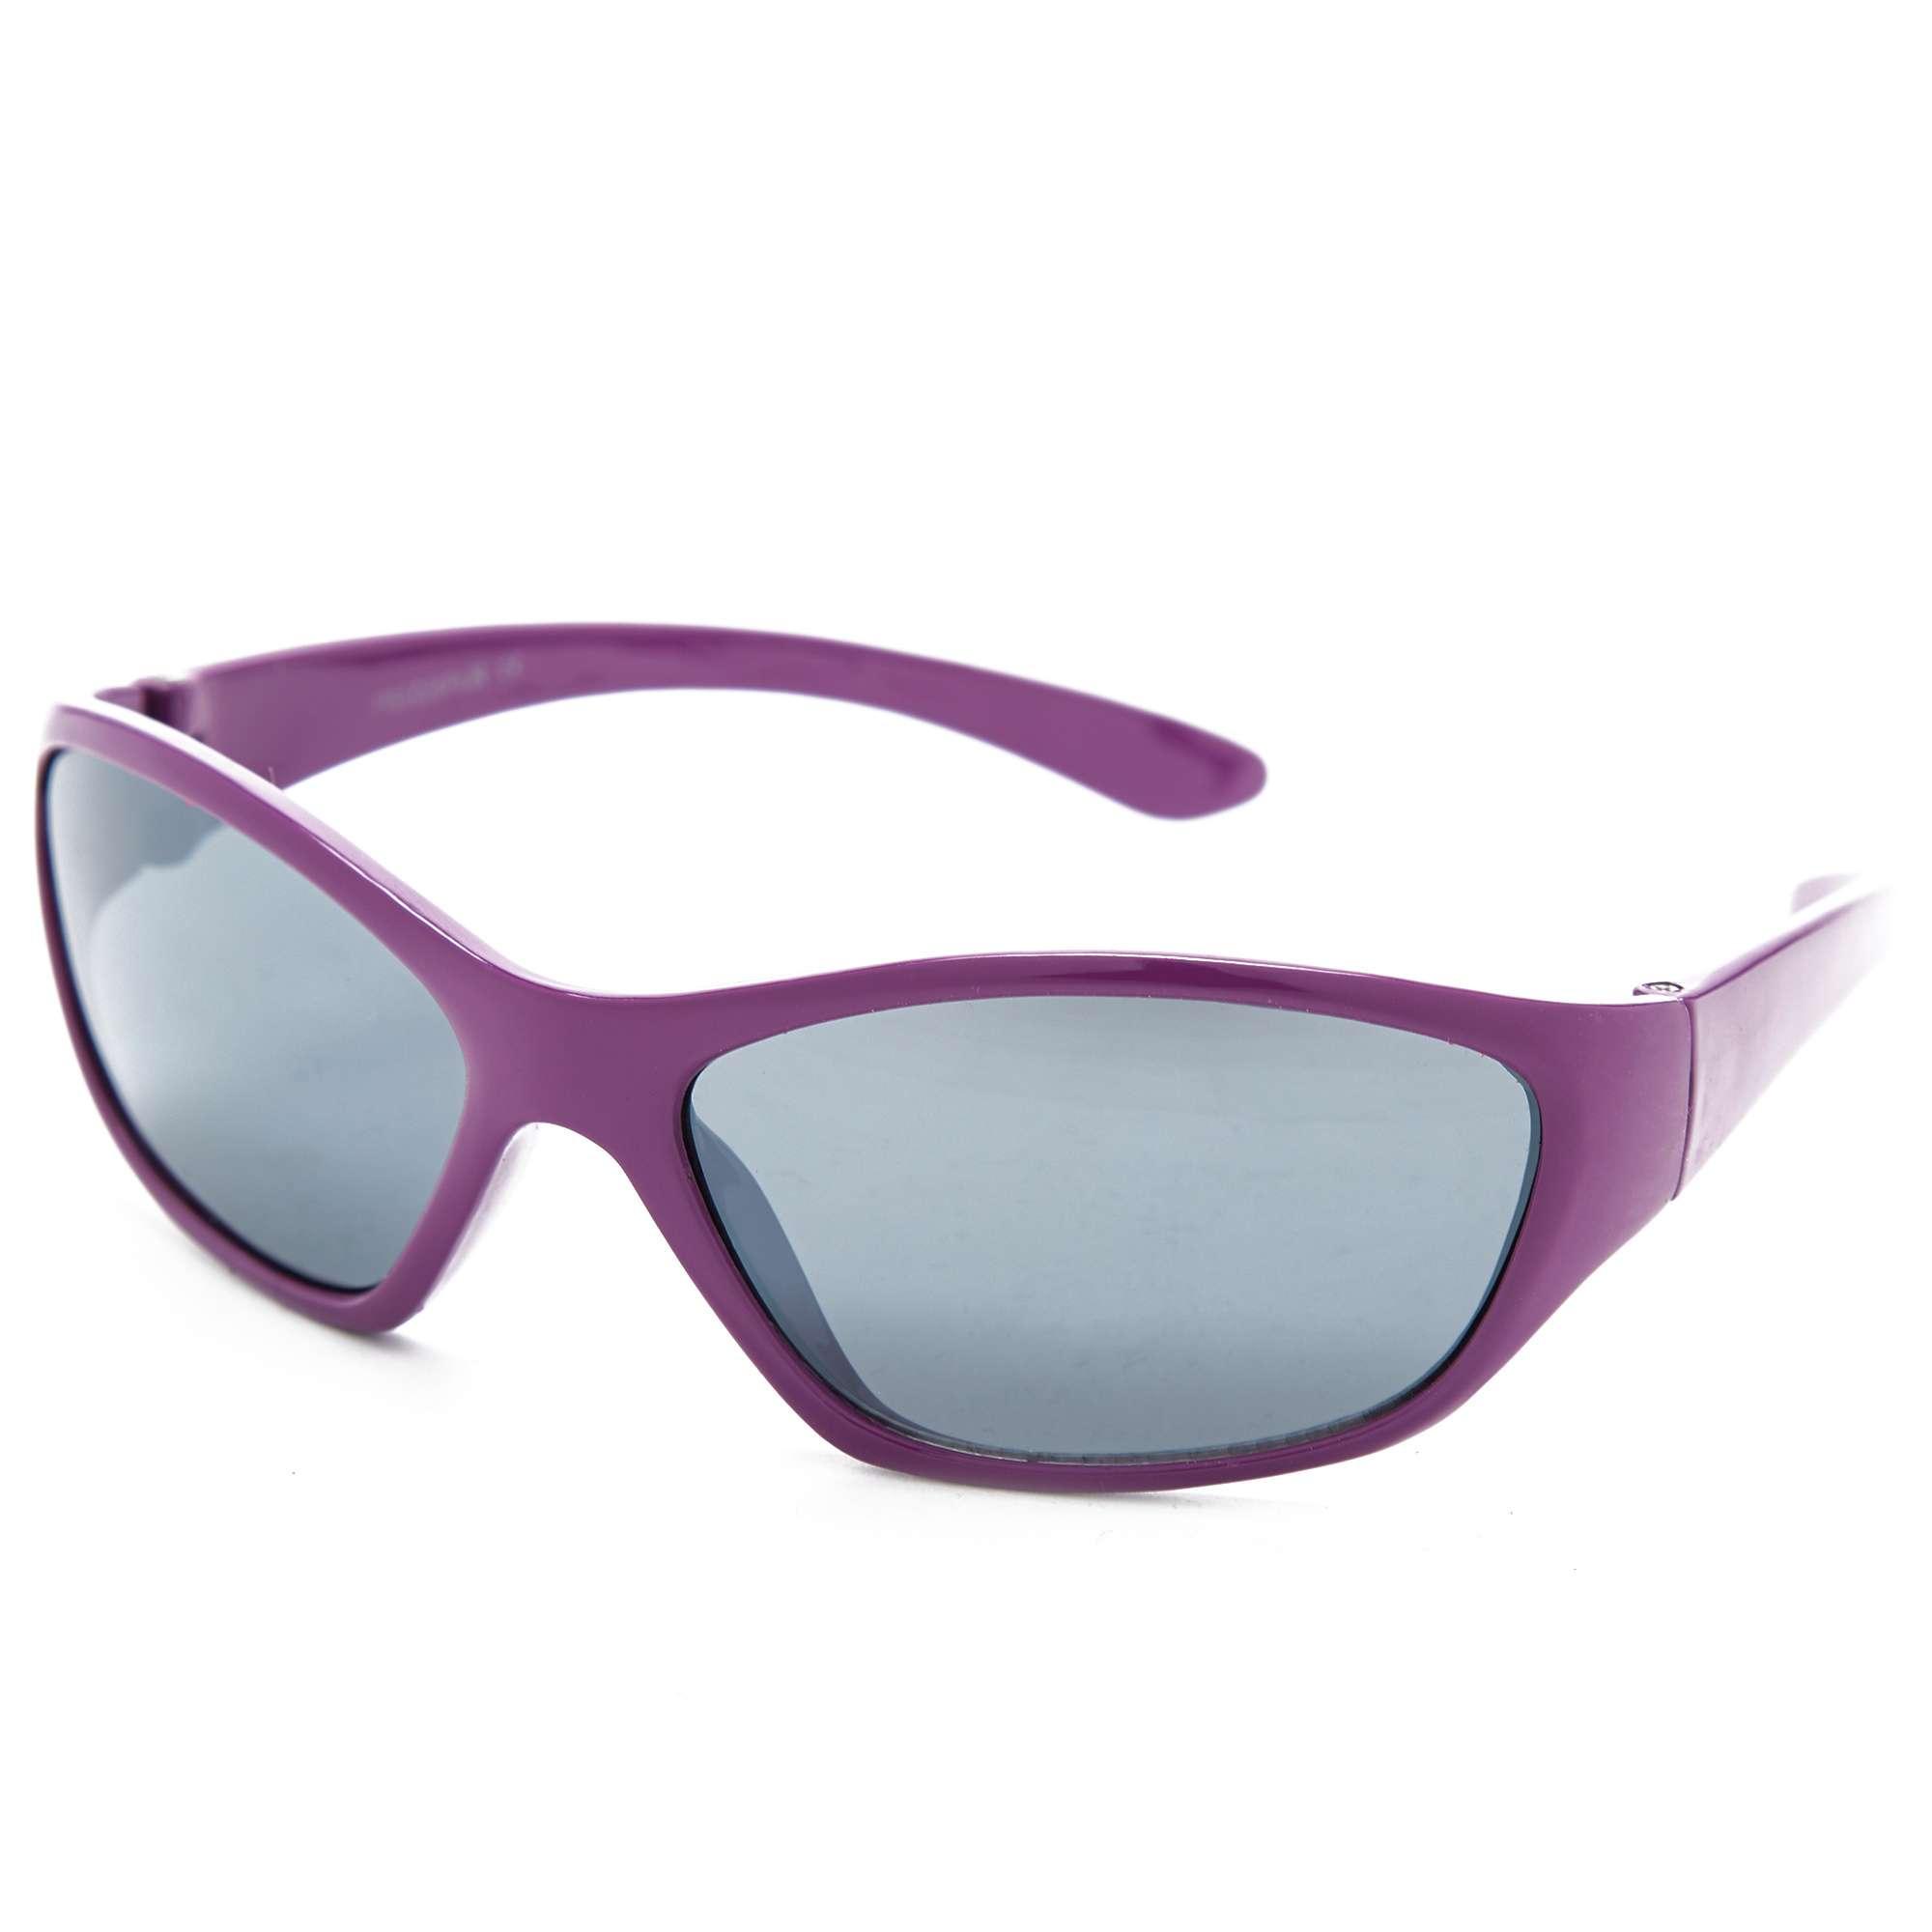 PETER STORM Girls' Sport Mirrored Wrap Around Sunglasses